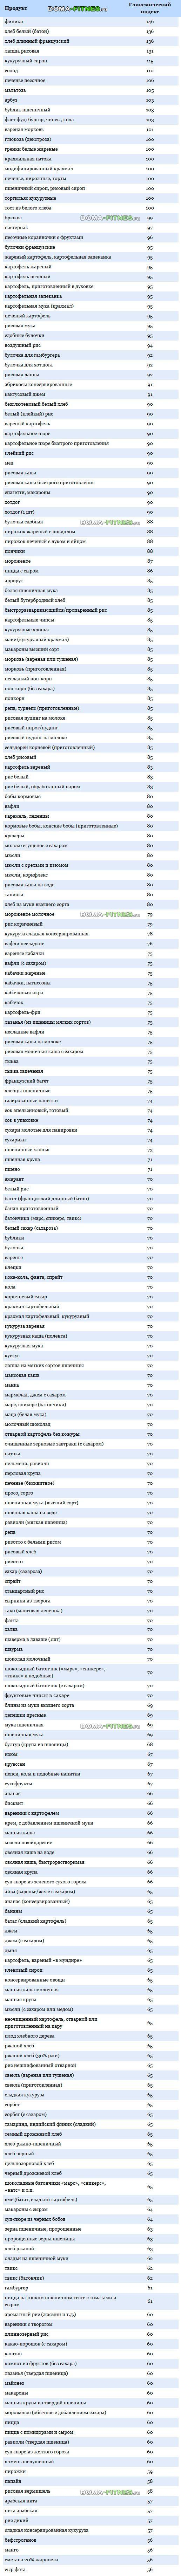 Быстрые углеводы. Список продуктов и таблица | Фитнес дома онлайн